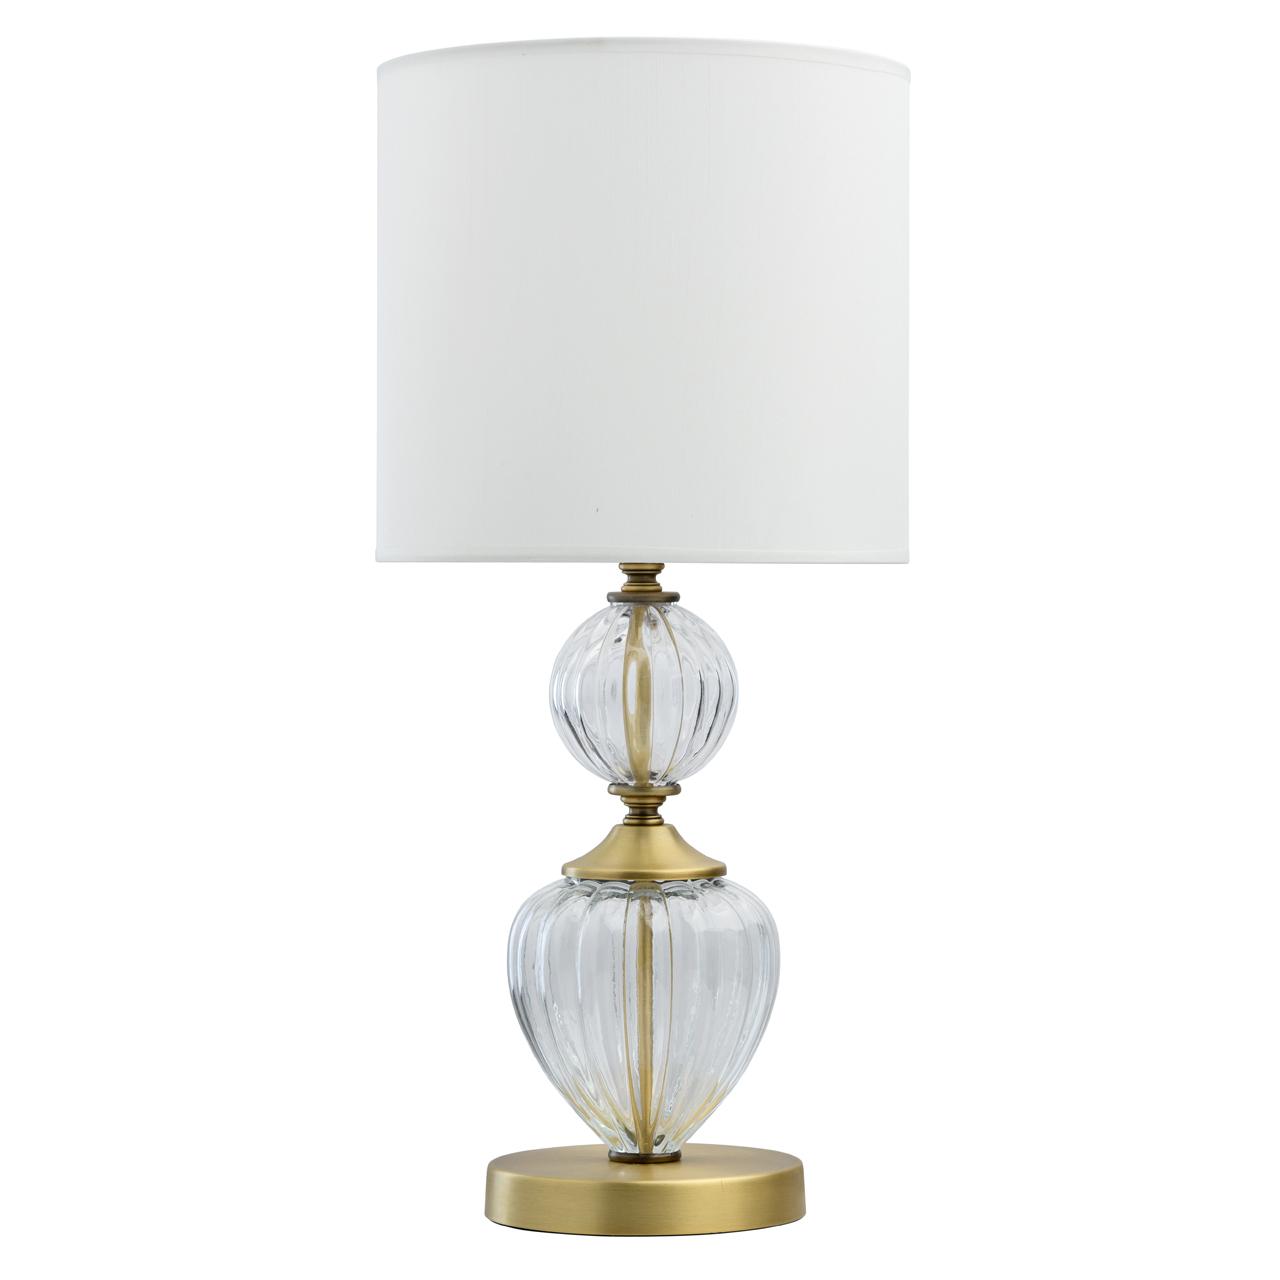 Настольный светильник Chiaro 619031001